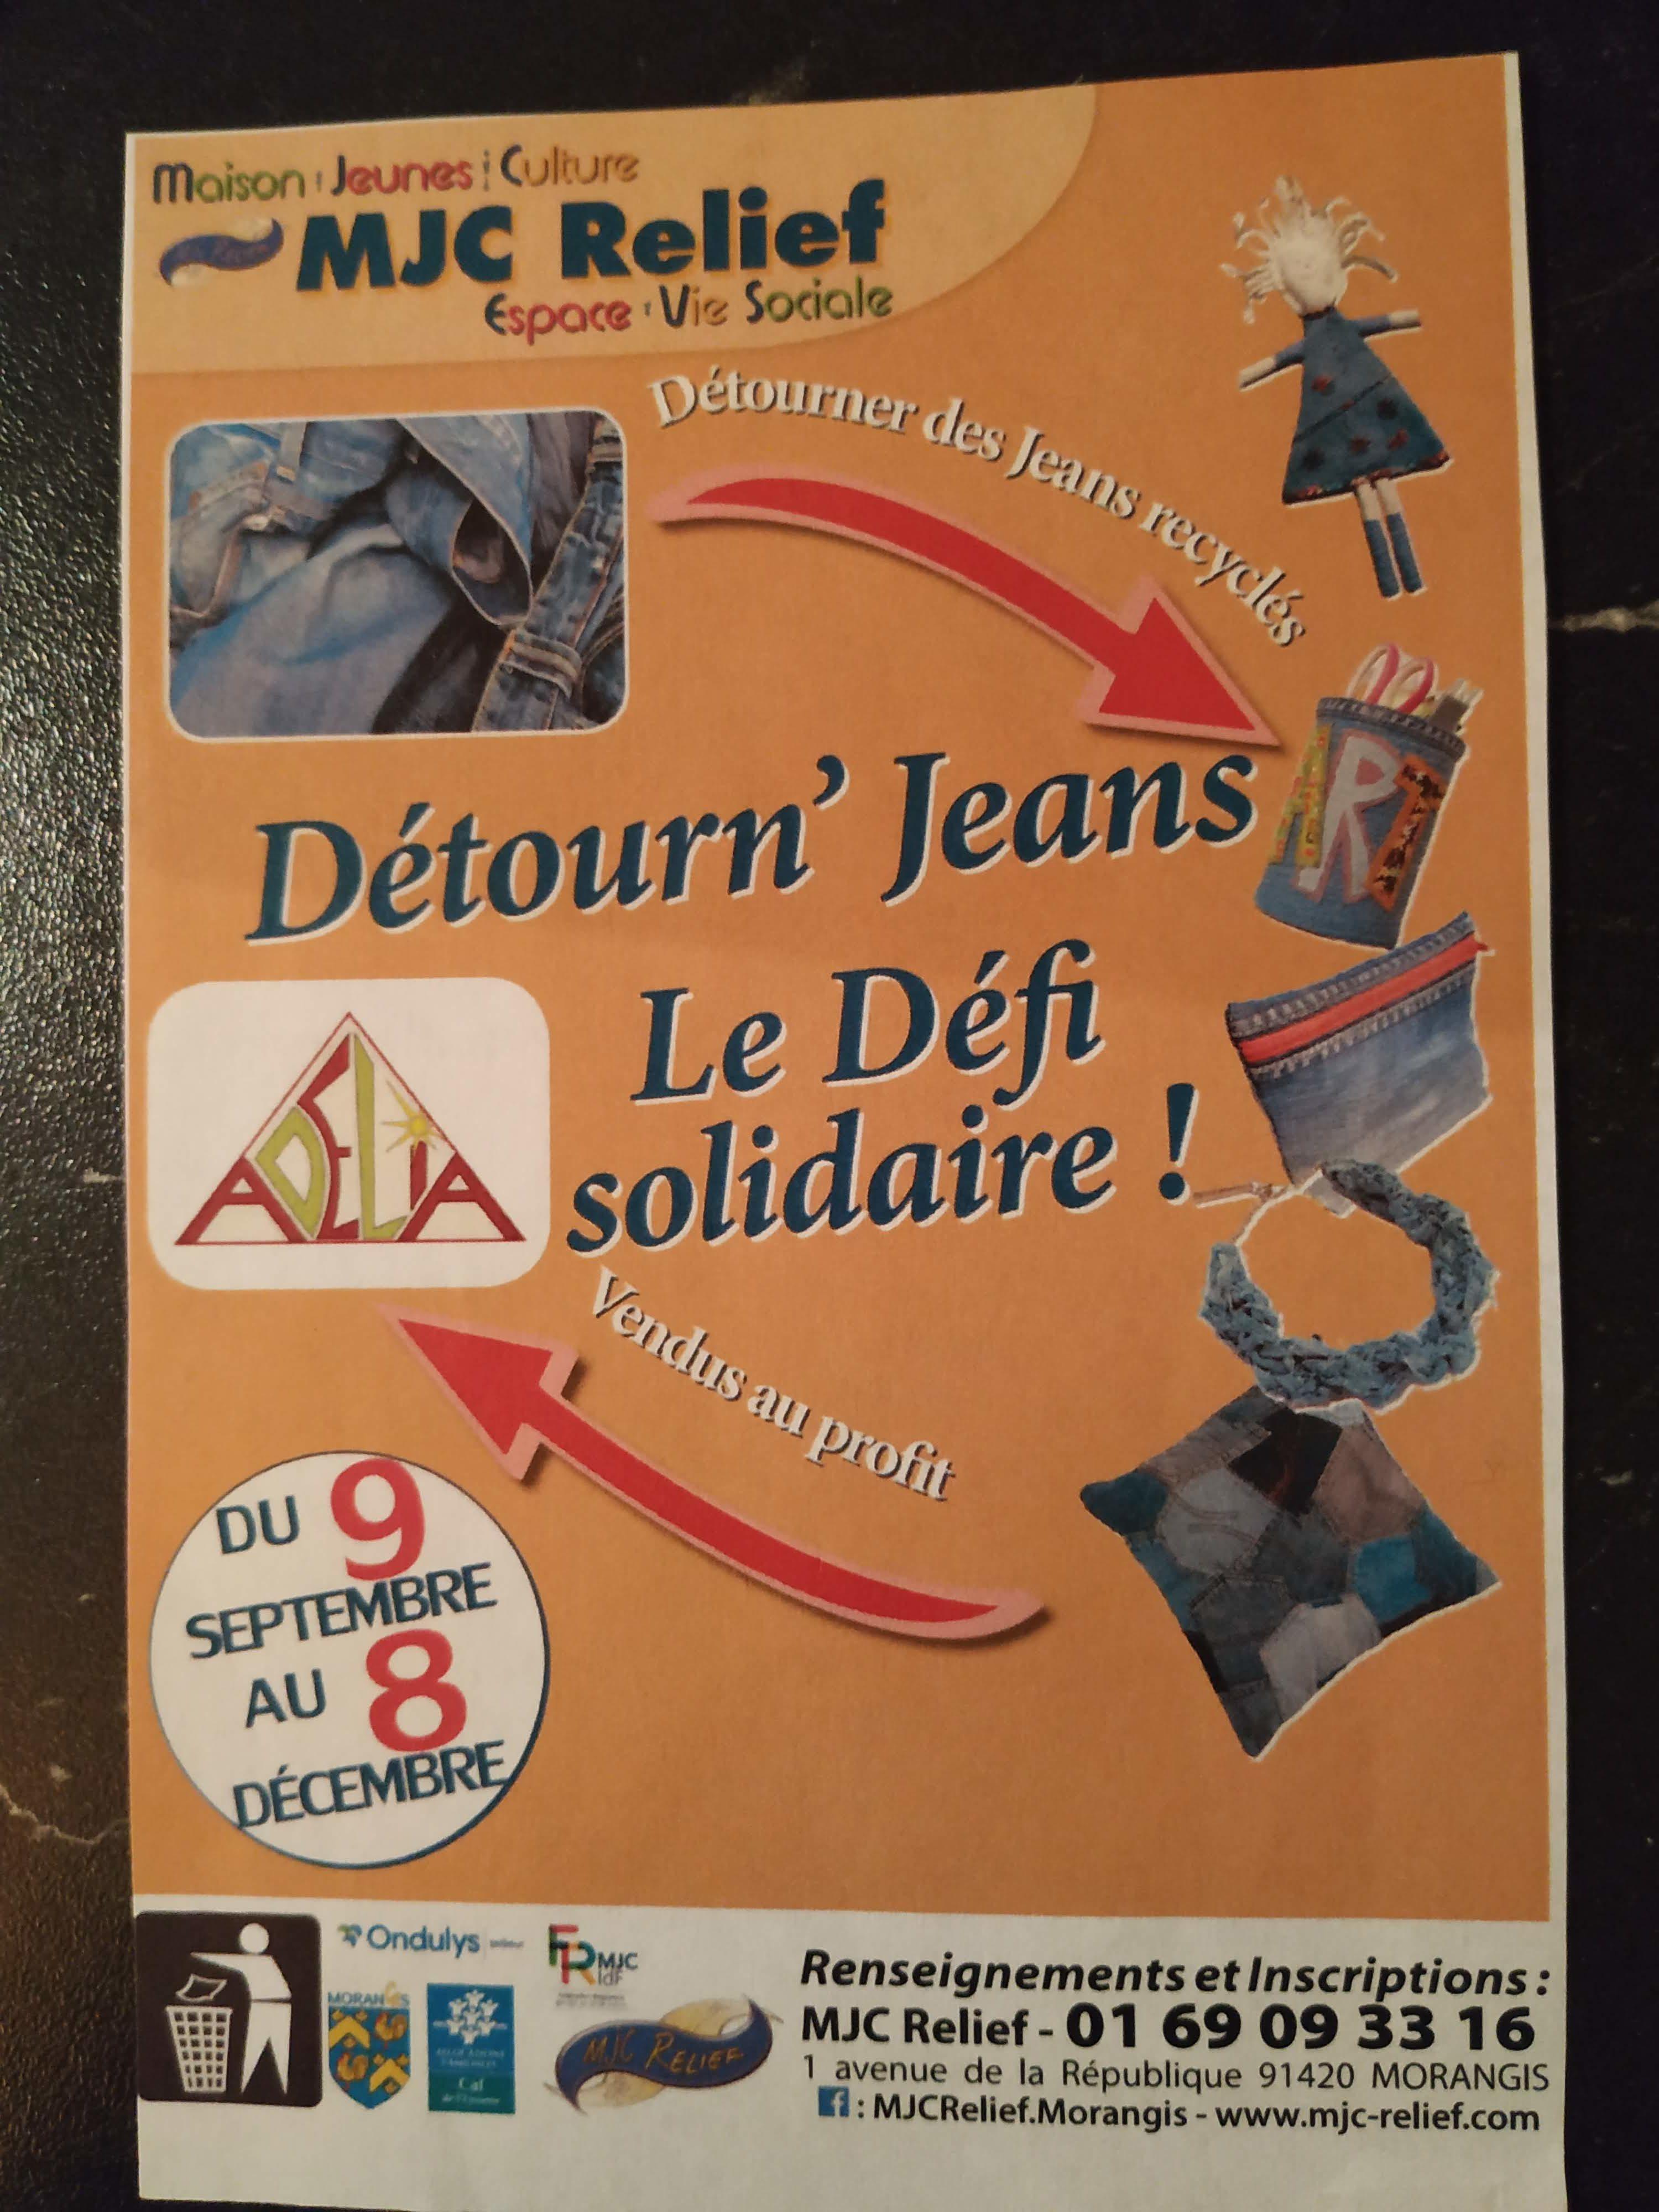 Flyer Détourn' jeans